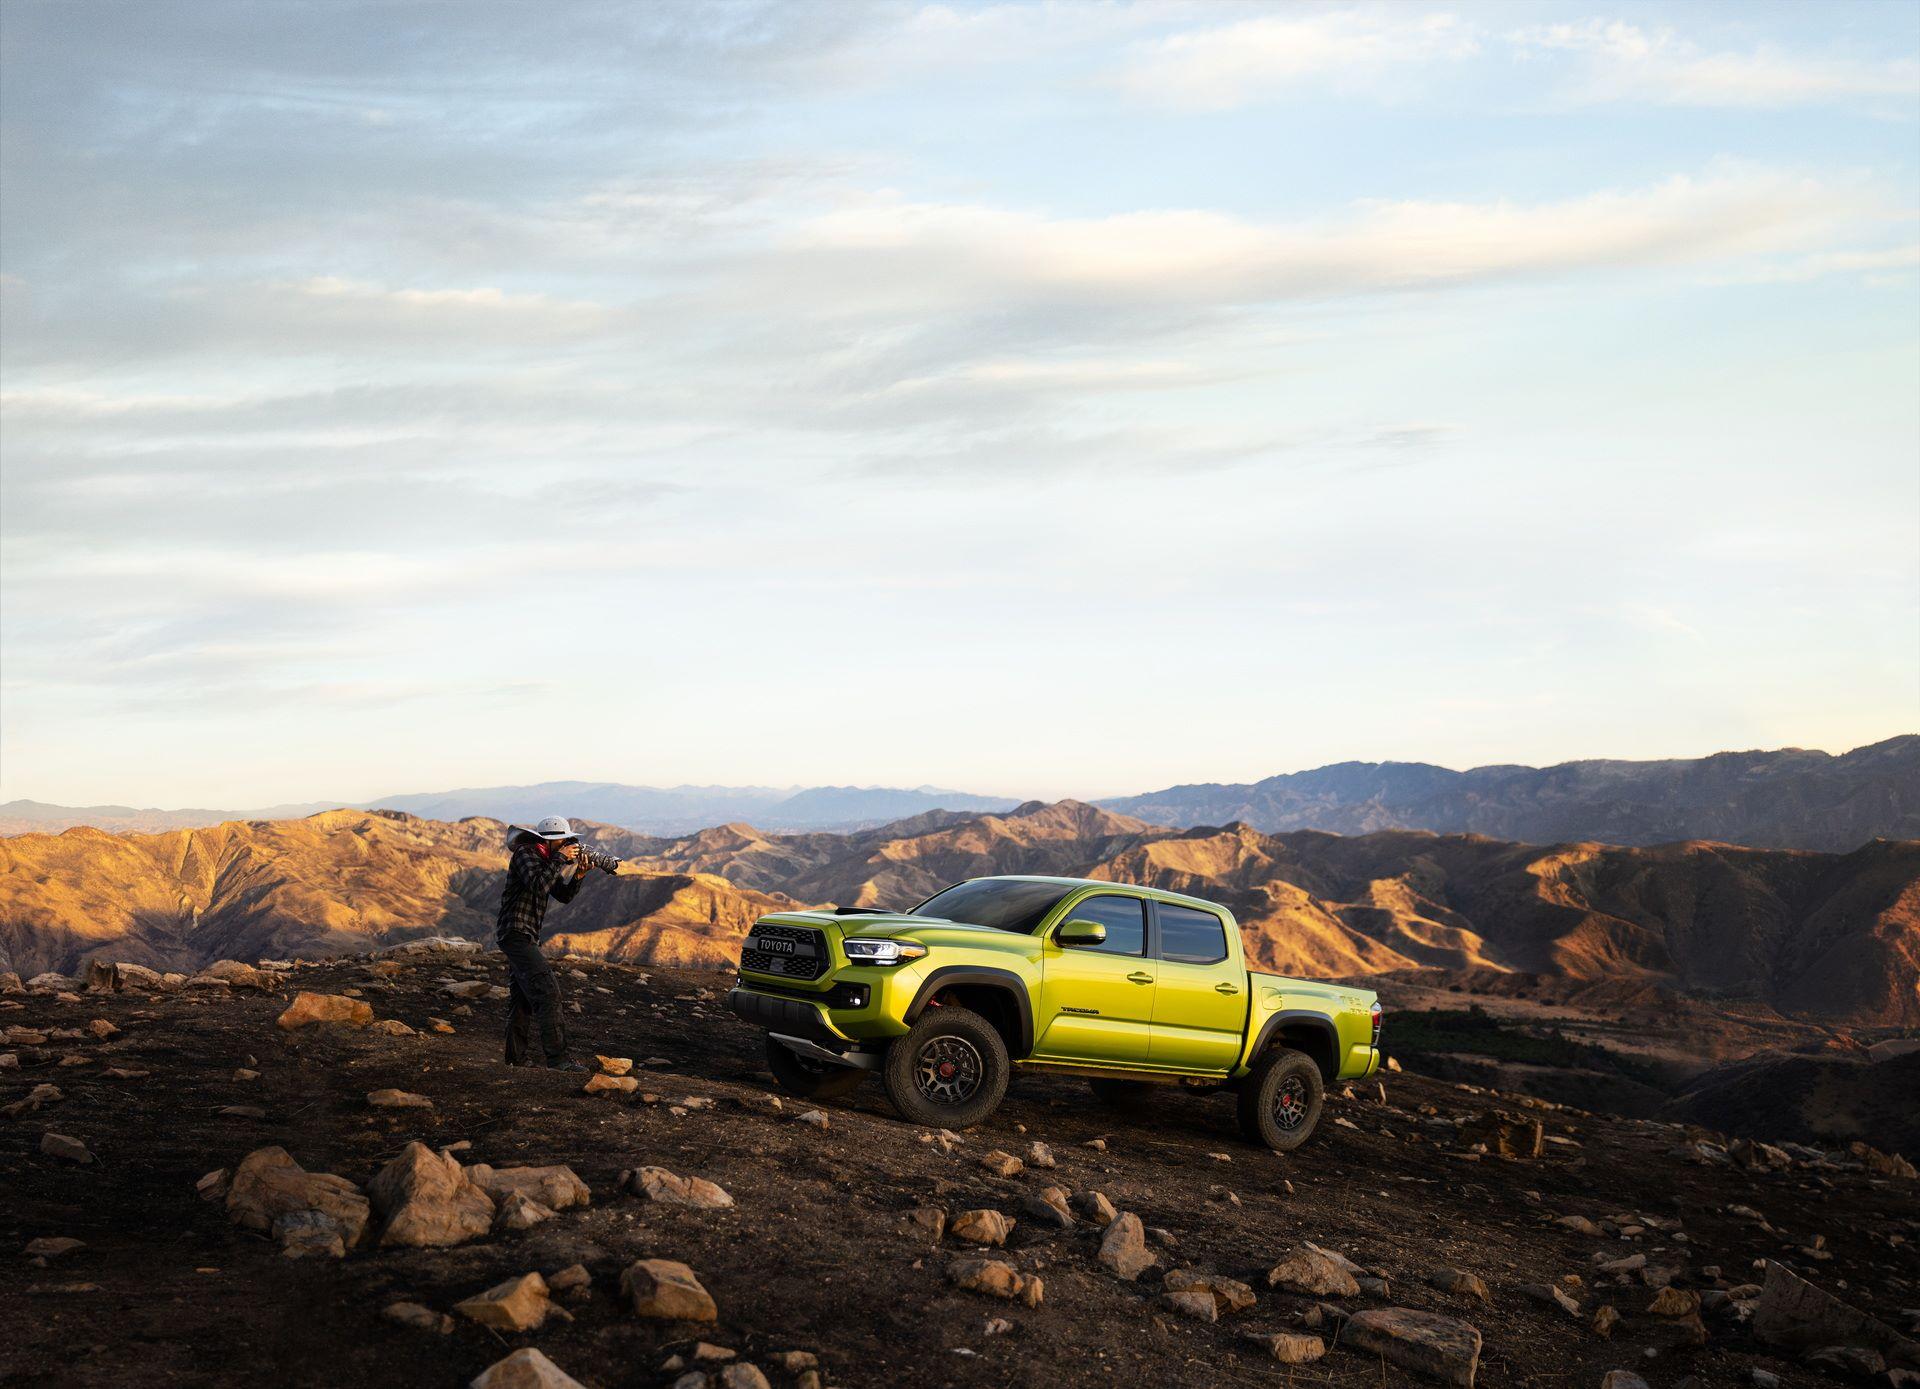 Toyota-Tacoma-TRD-Pro-and-Tacoma-Trail-Edition-10